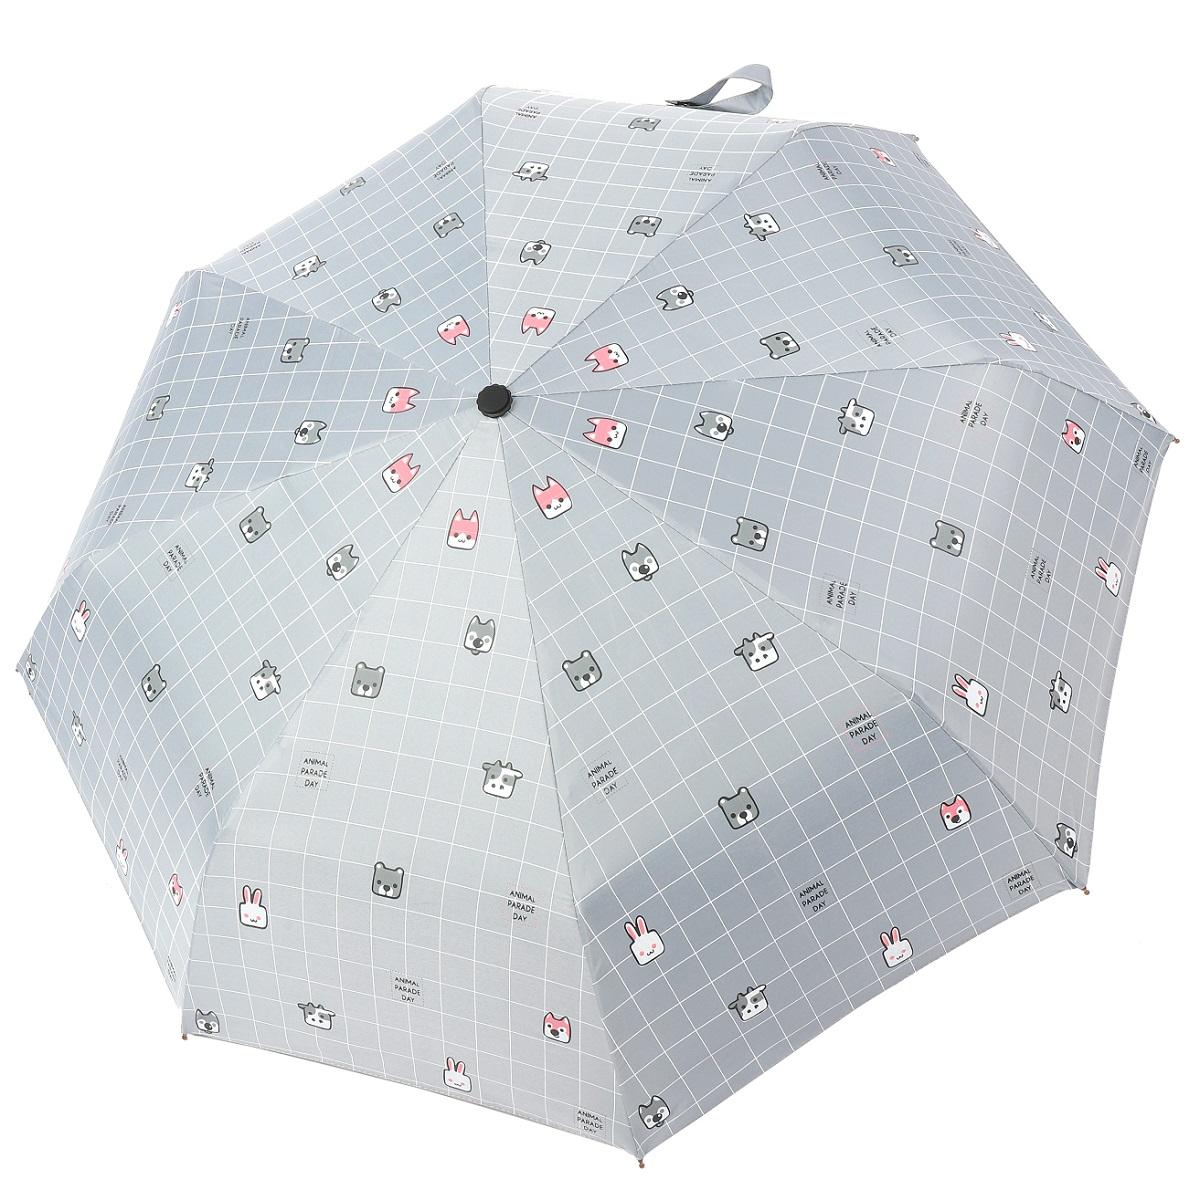 雨伞全自动可爱遮阳伞三折叠太阳伞防晒防紫外线雨伞女晴雨两用 - 图3